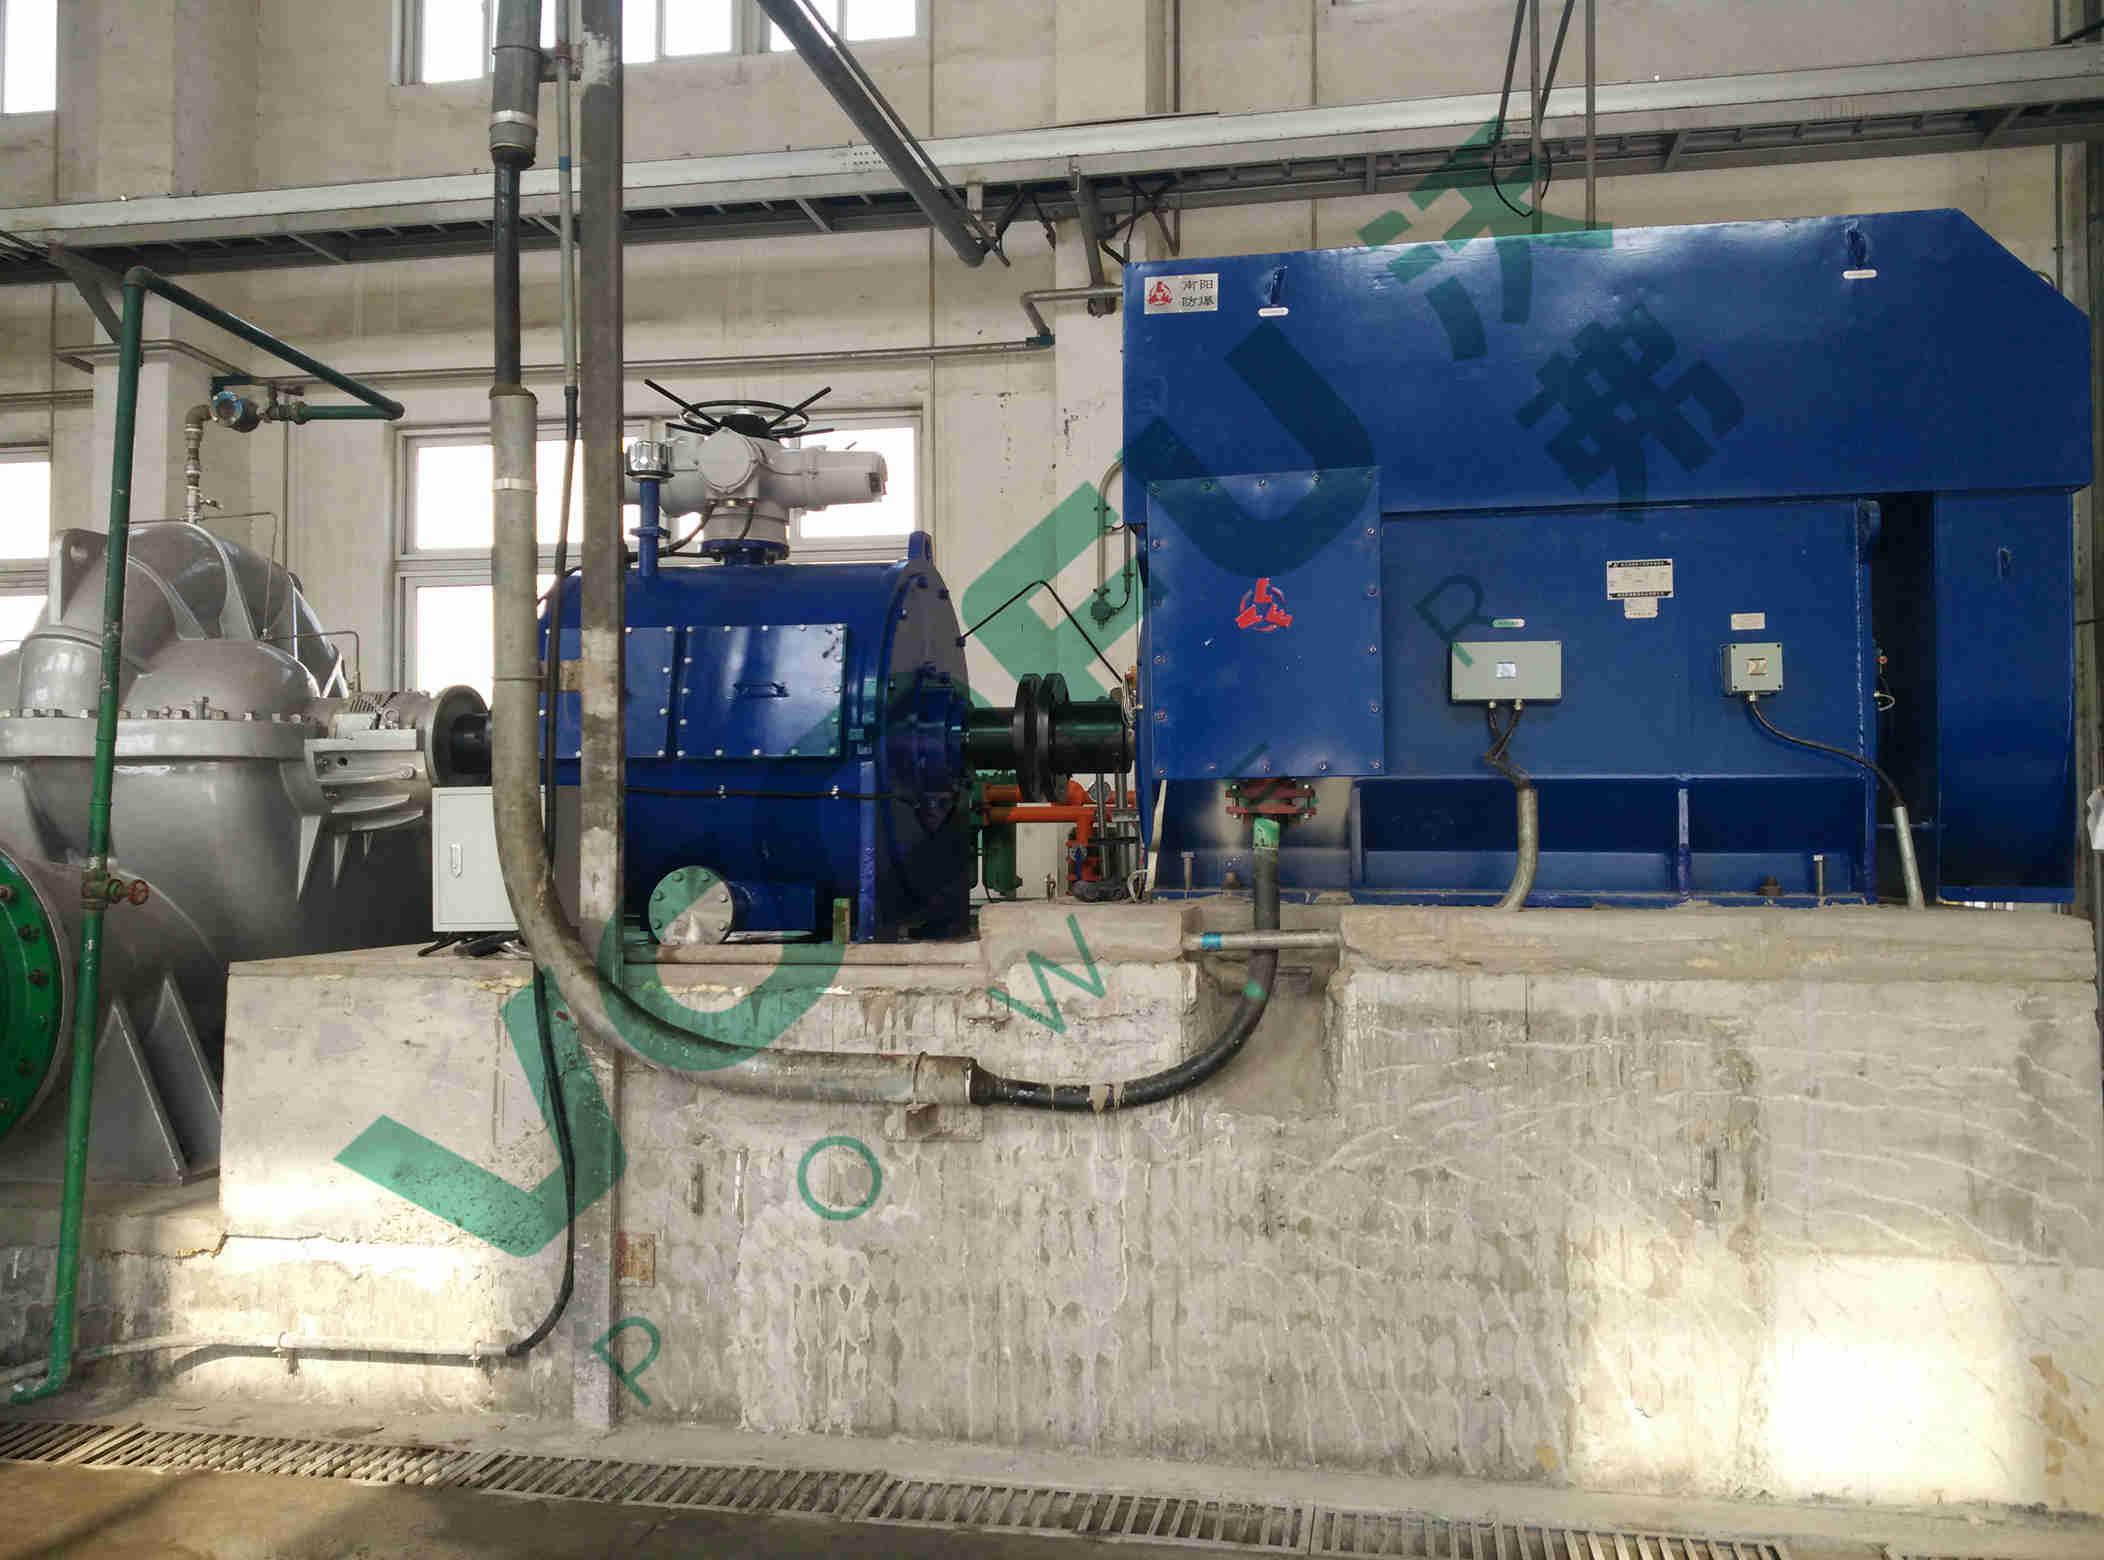 某某石化公司(循环水泵1600kW)